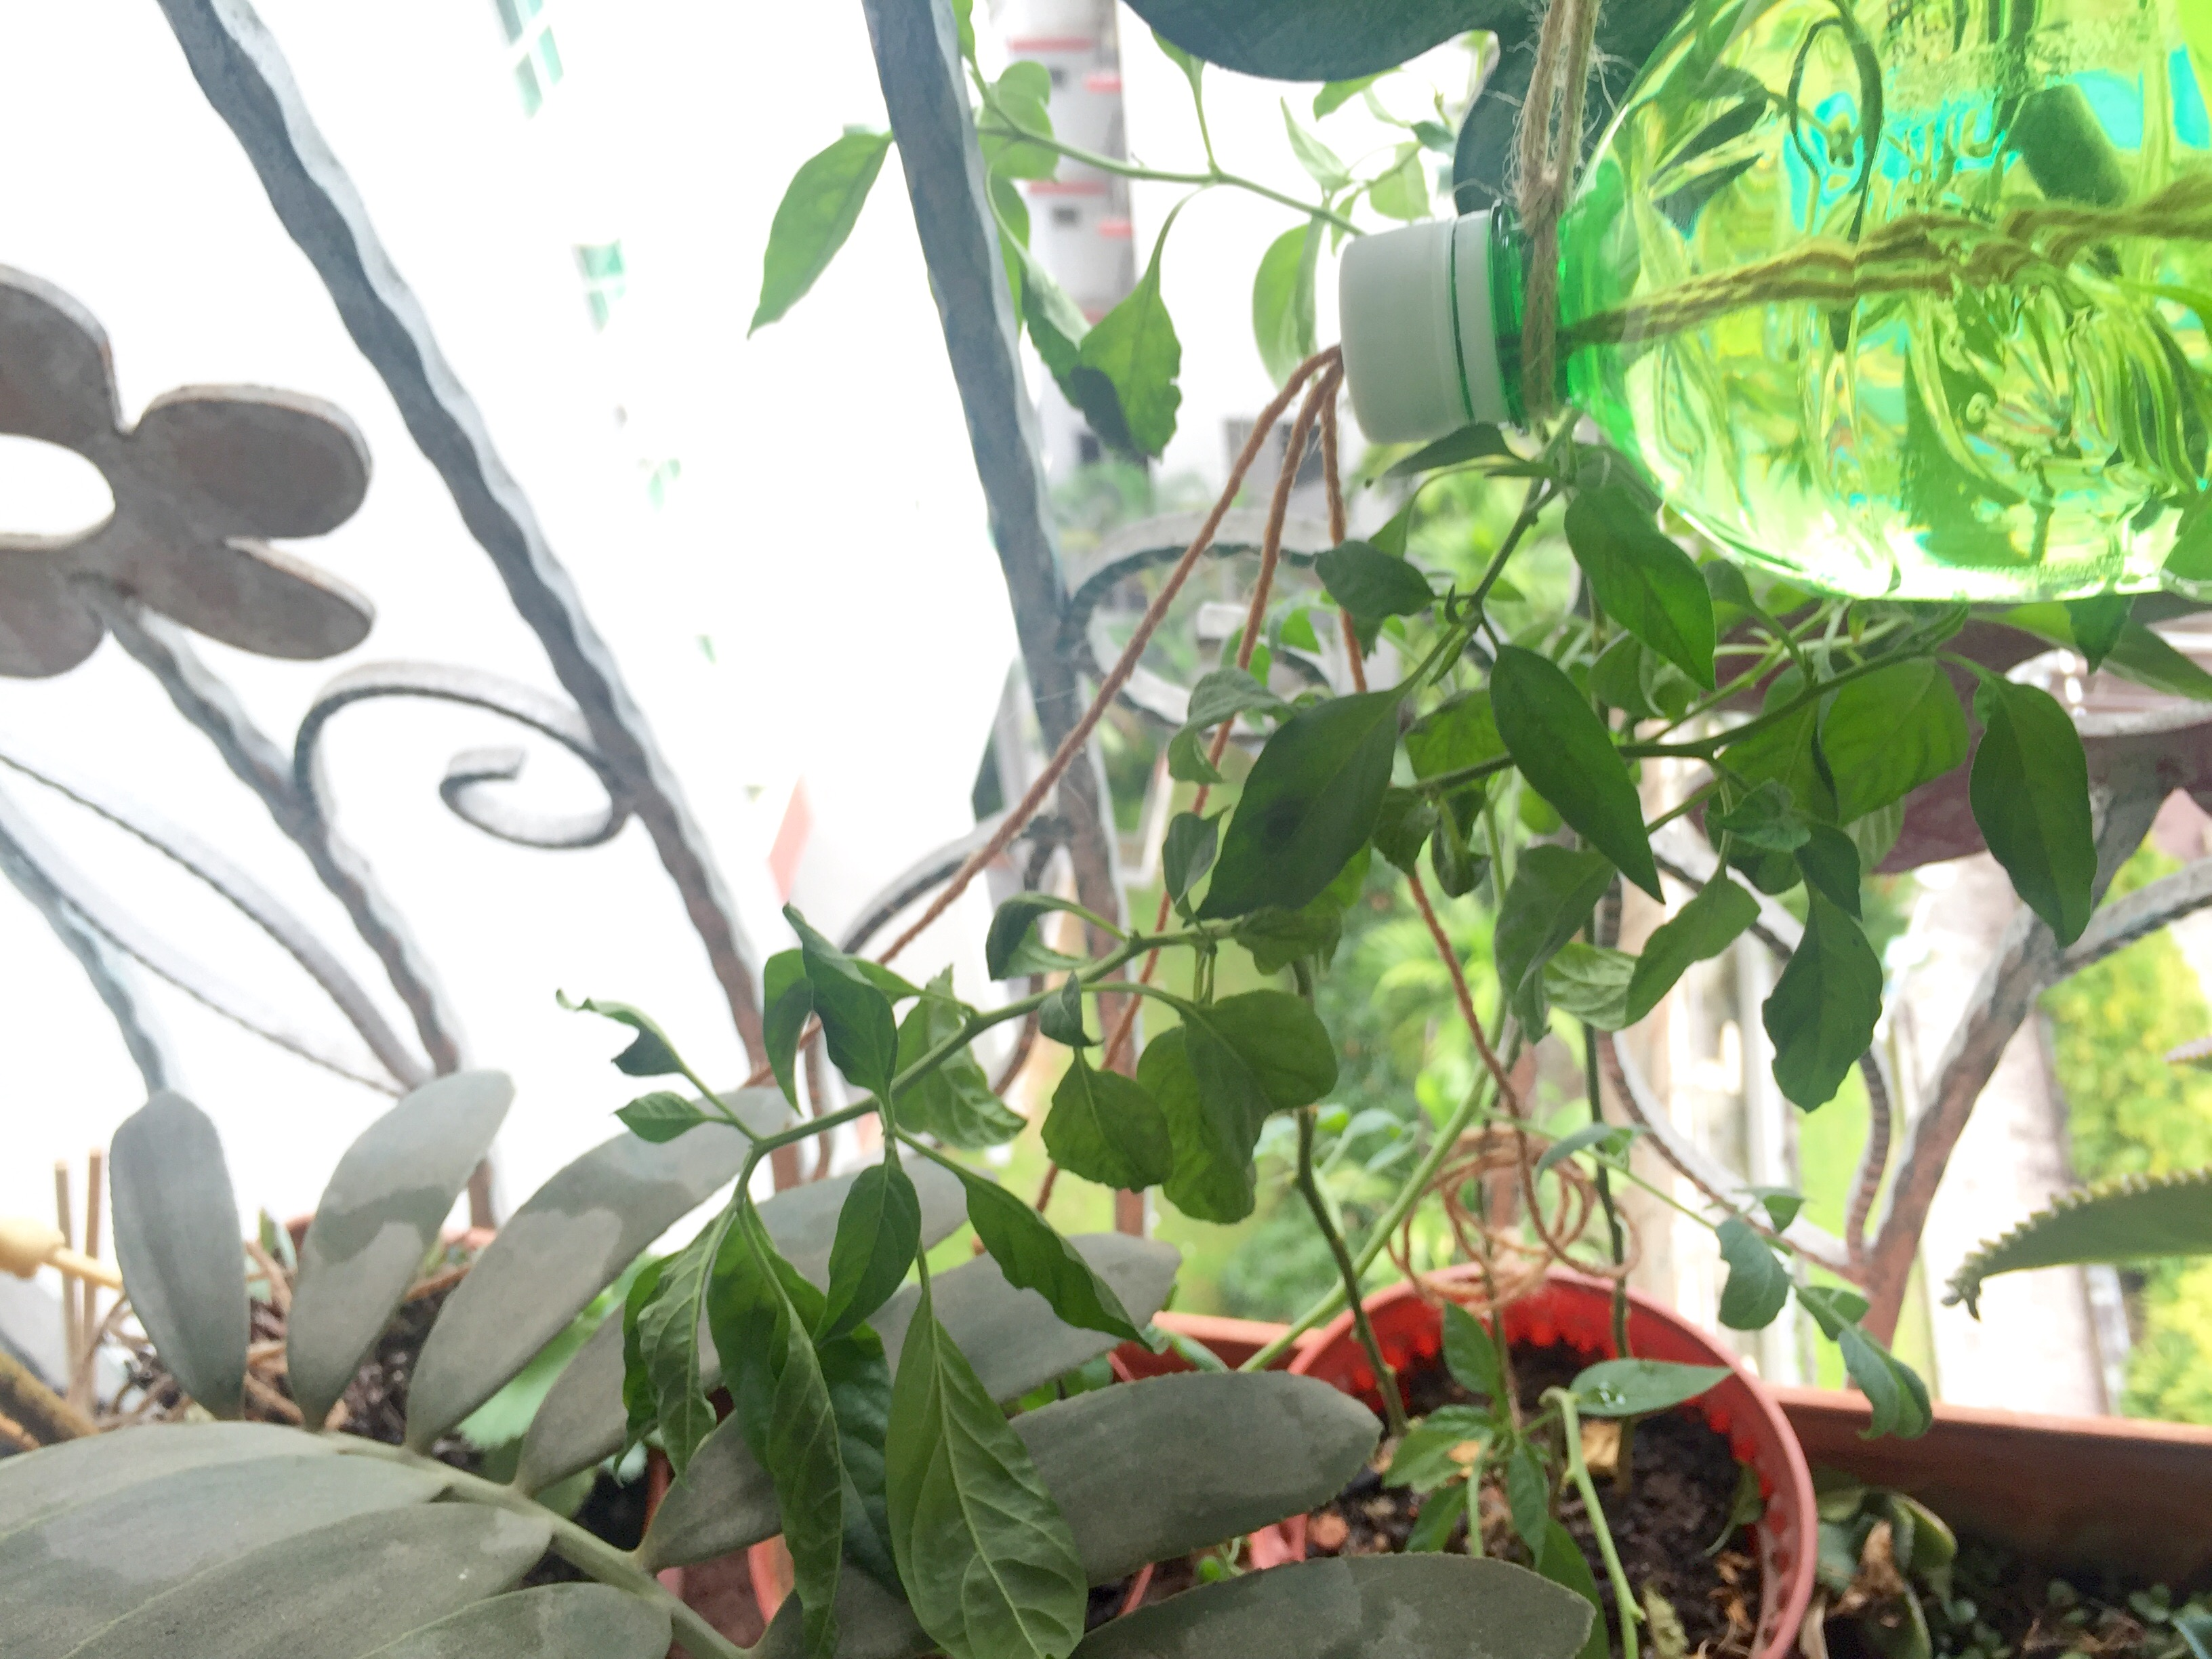 DIY Drip Feeder for Plants